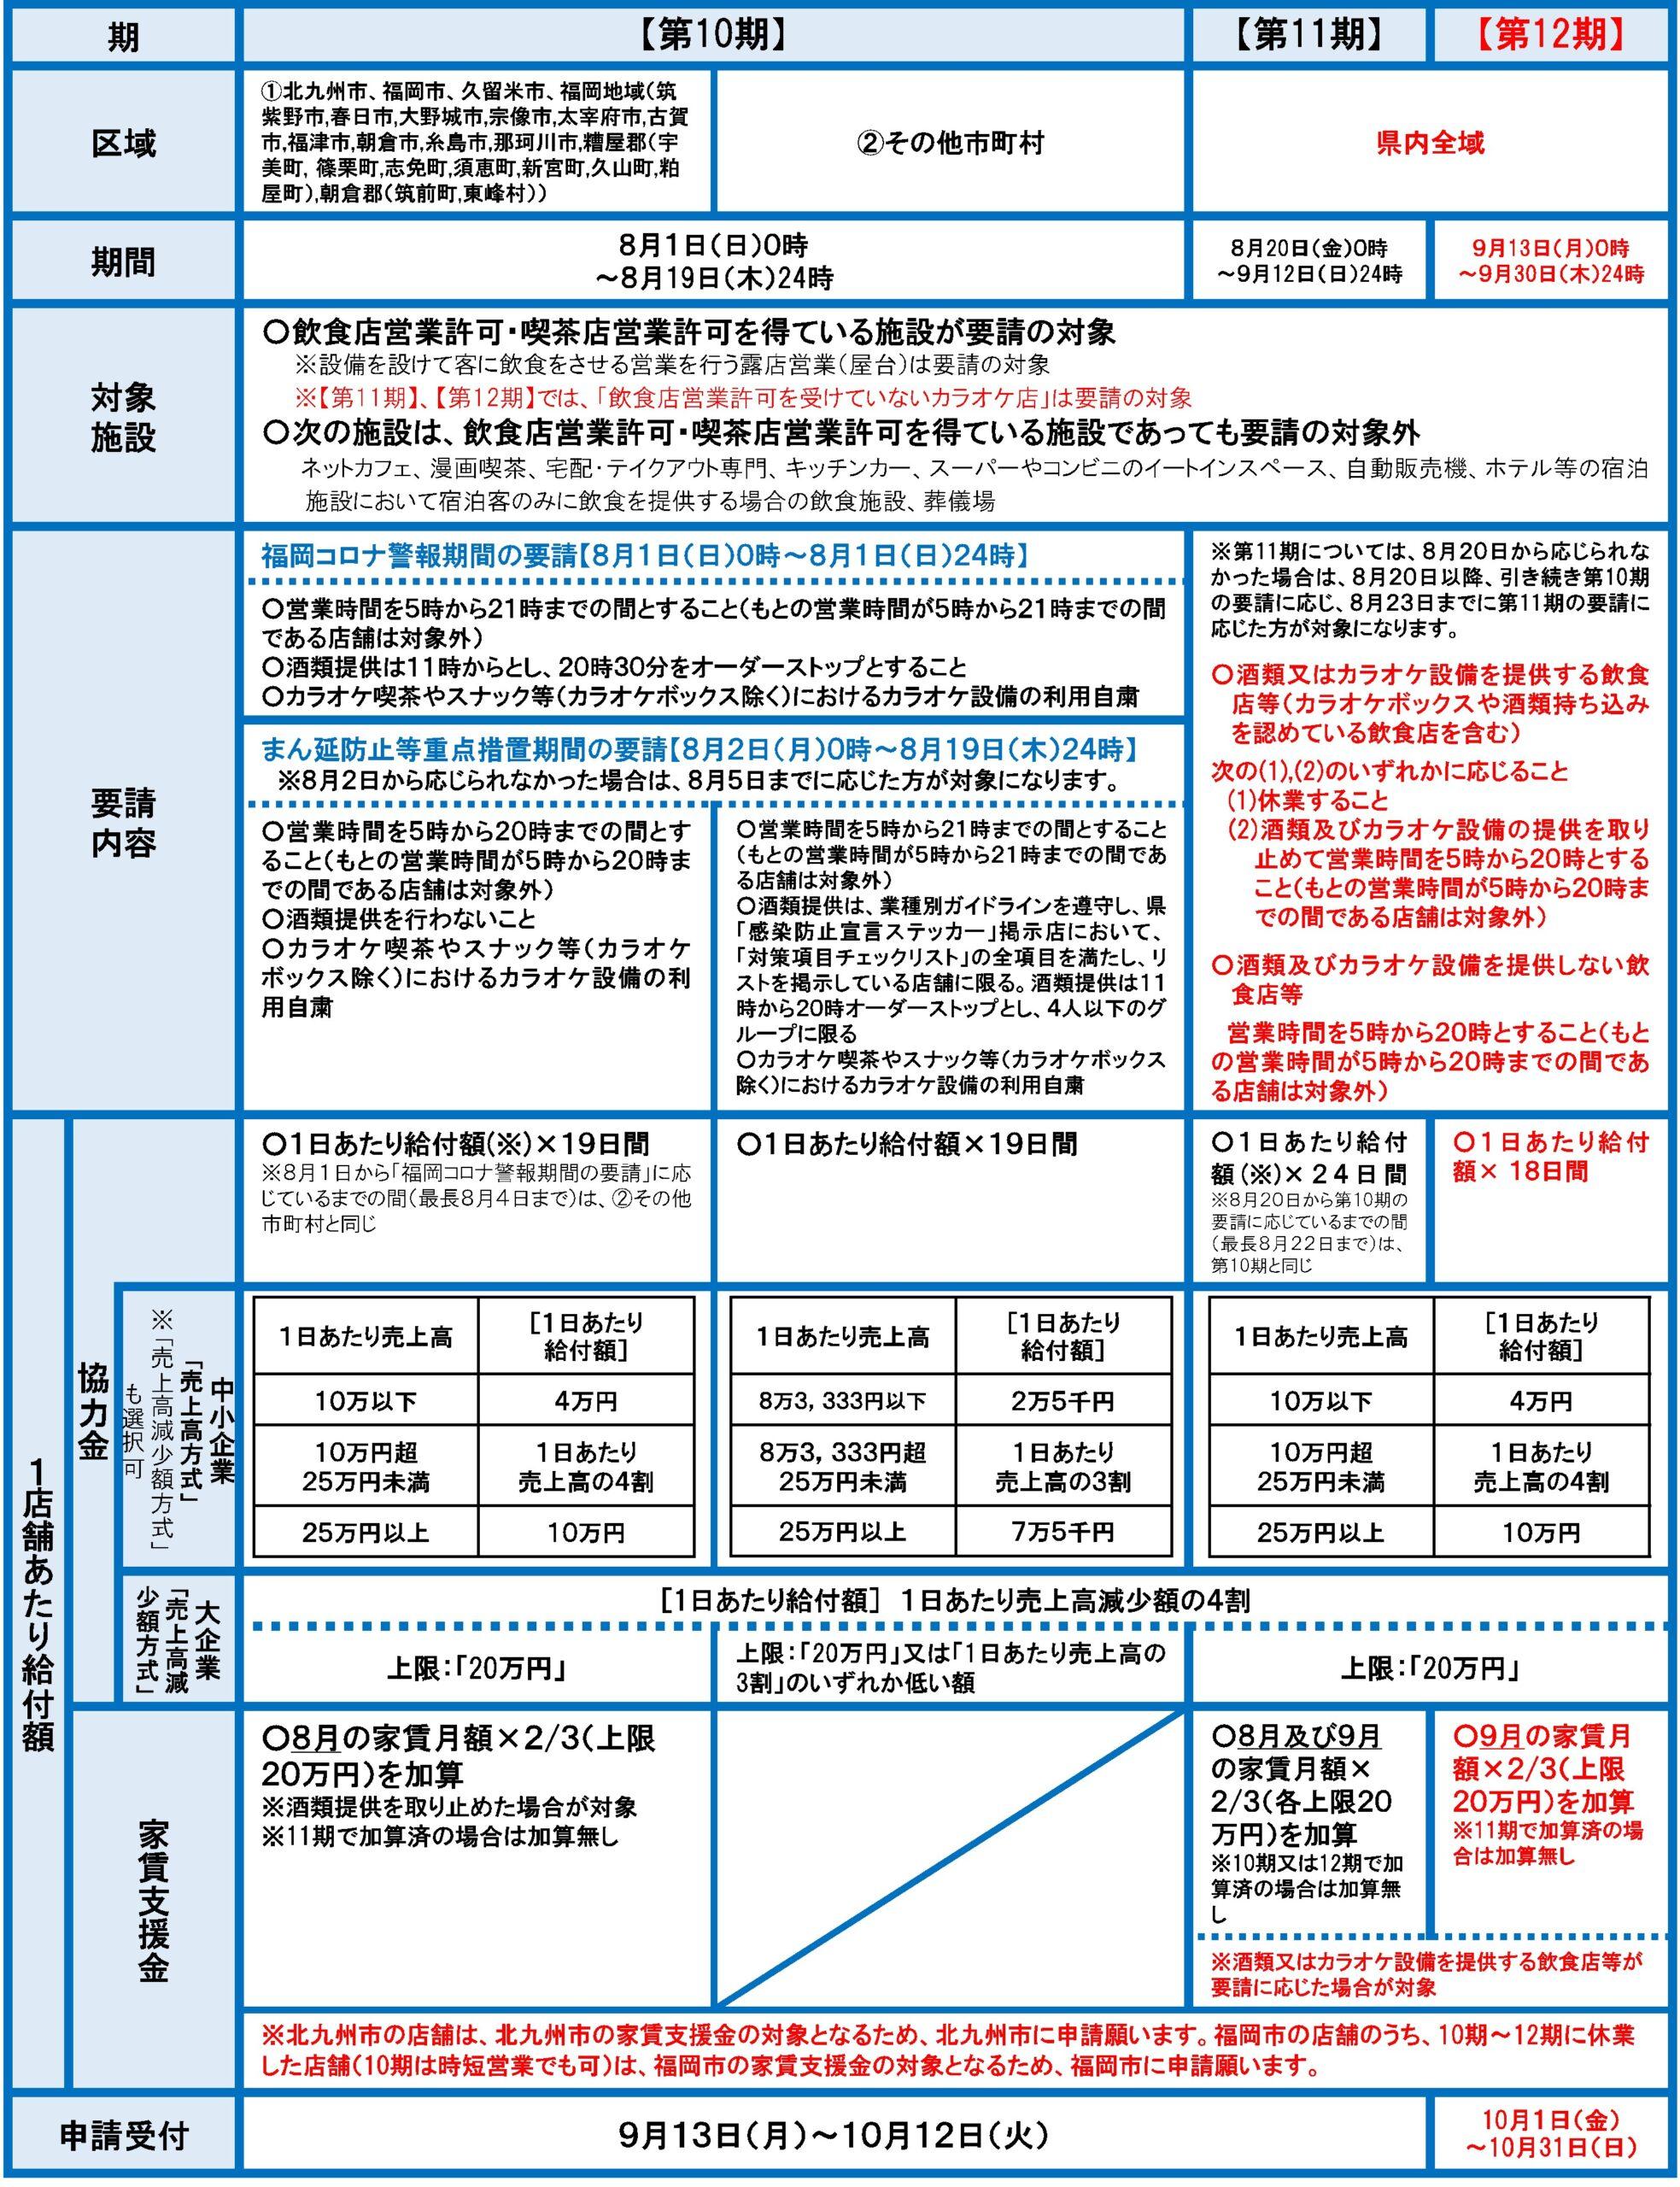 福岡県感染拡大防止協力金